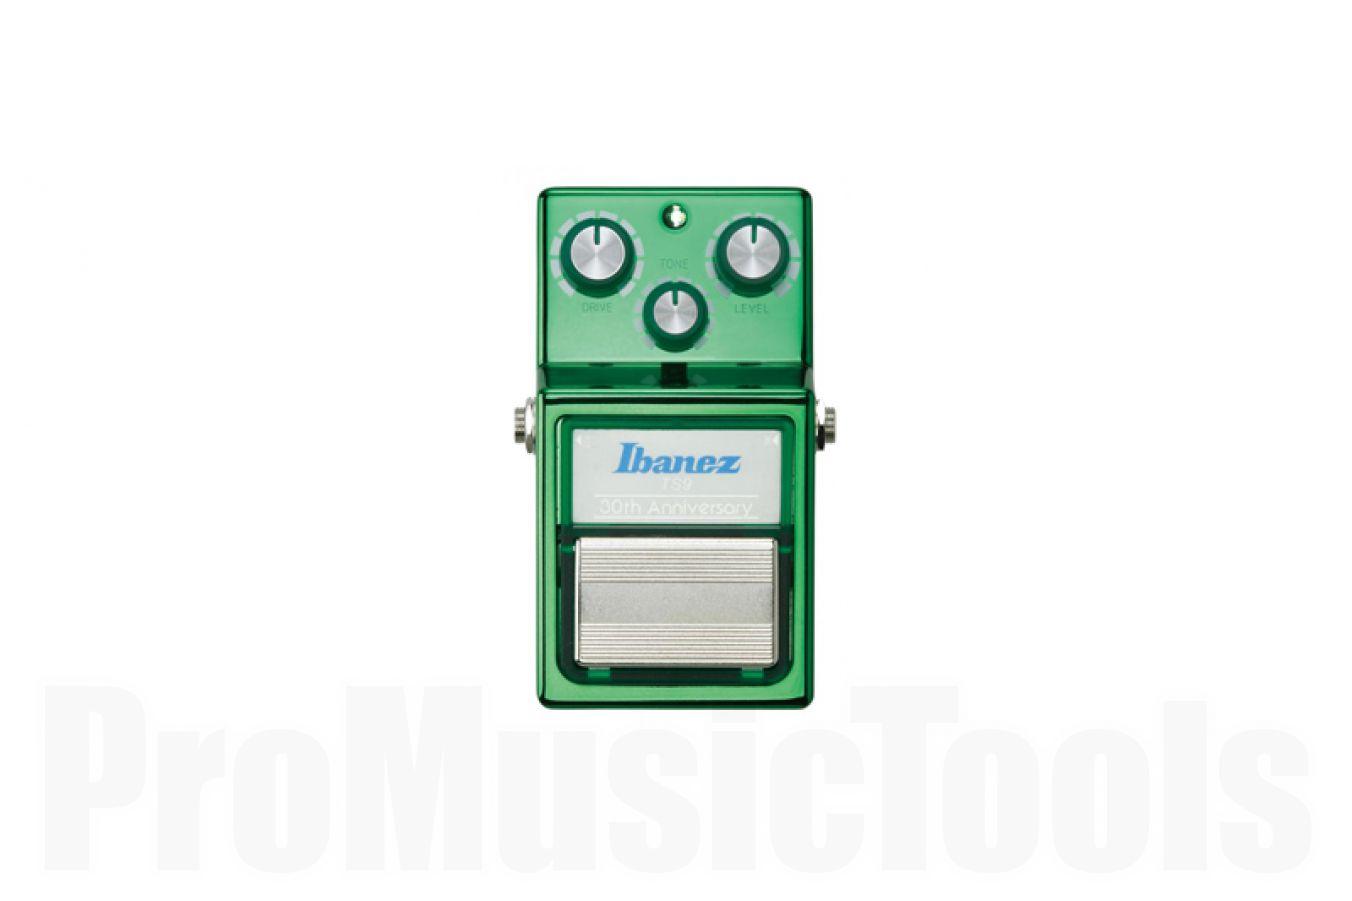 Ibanez TS930TH 30th Anniversary Tube Screamer